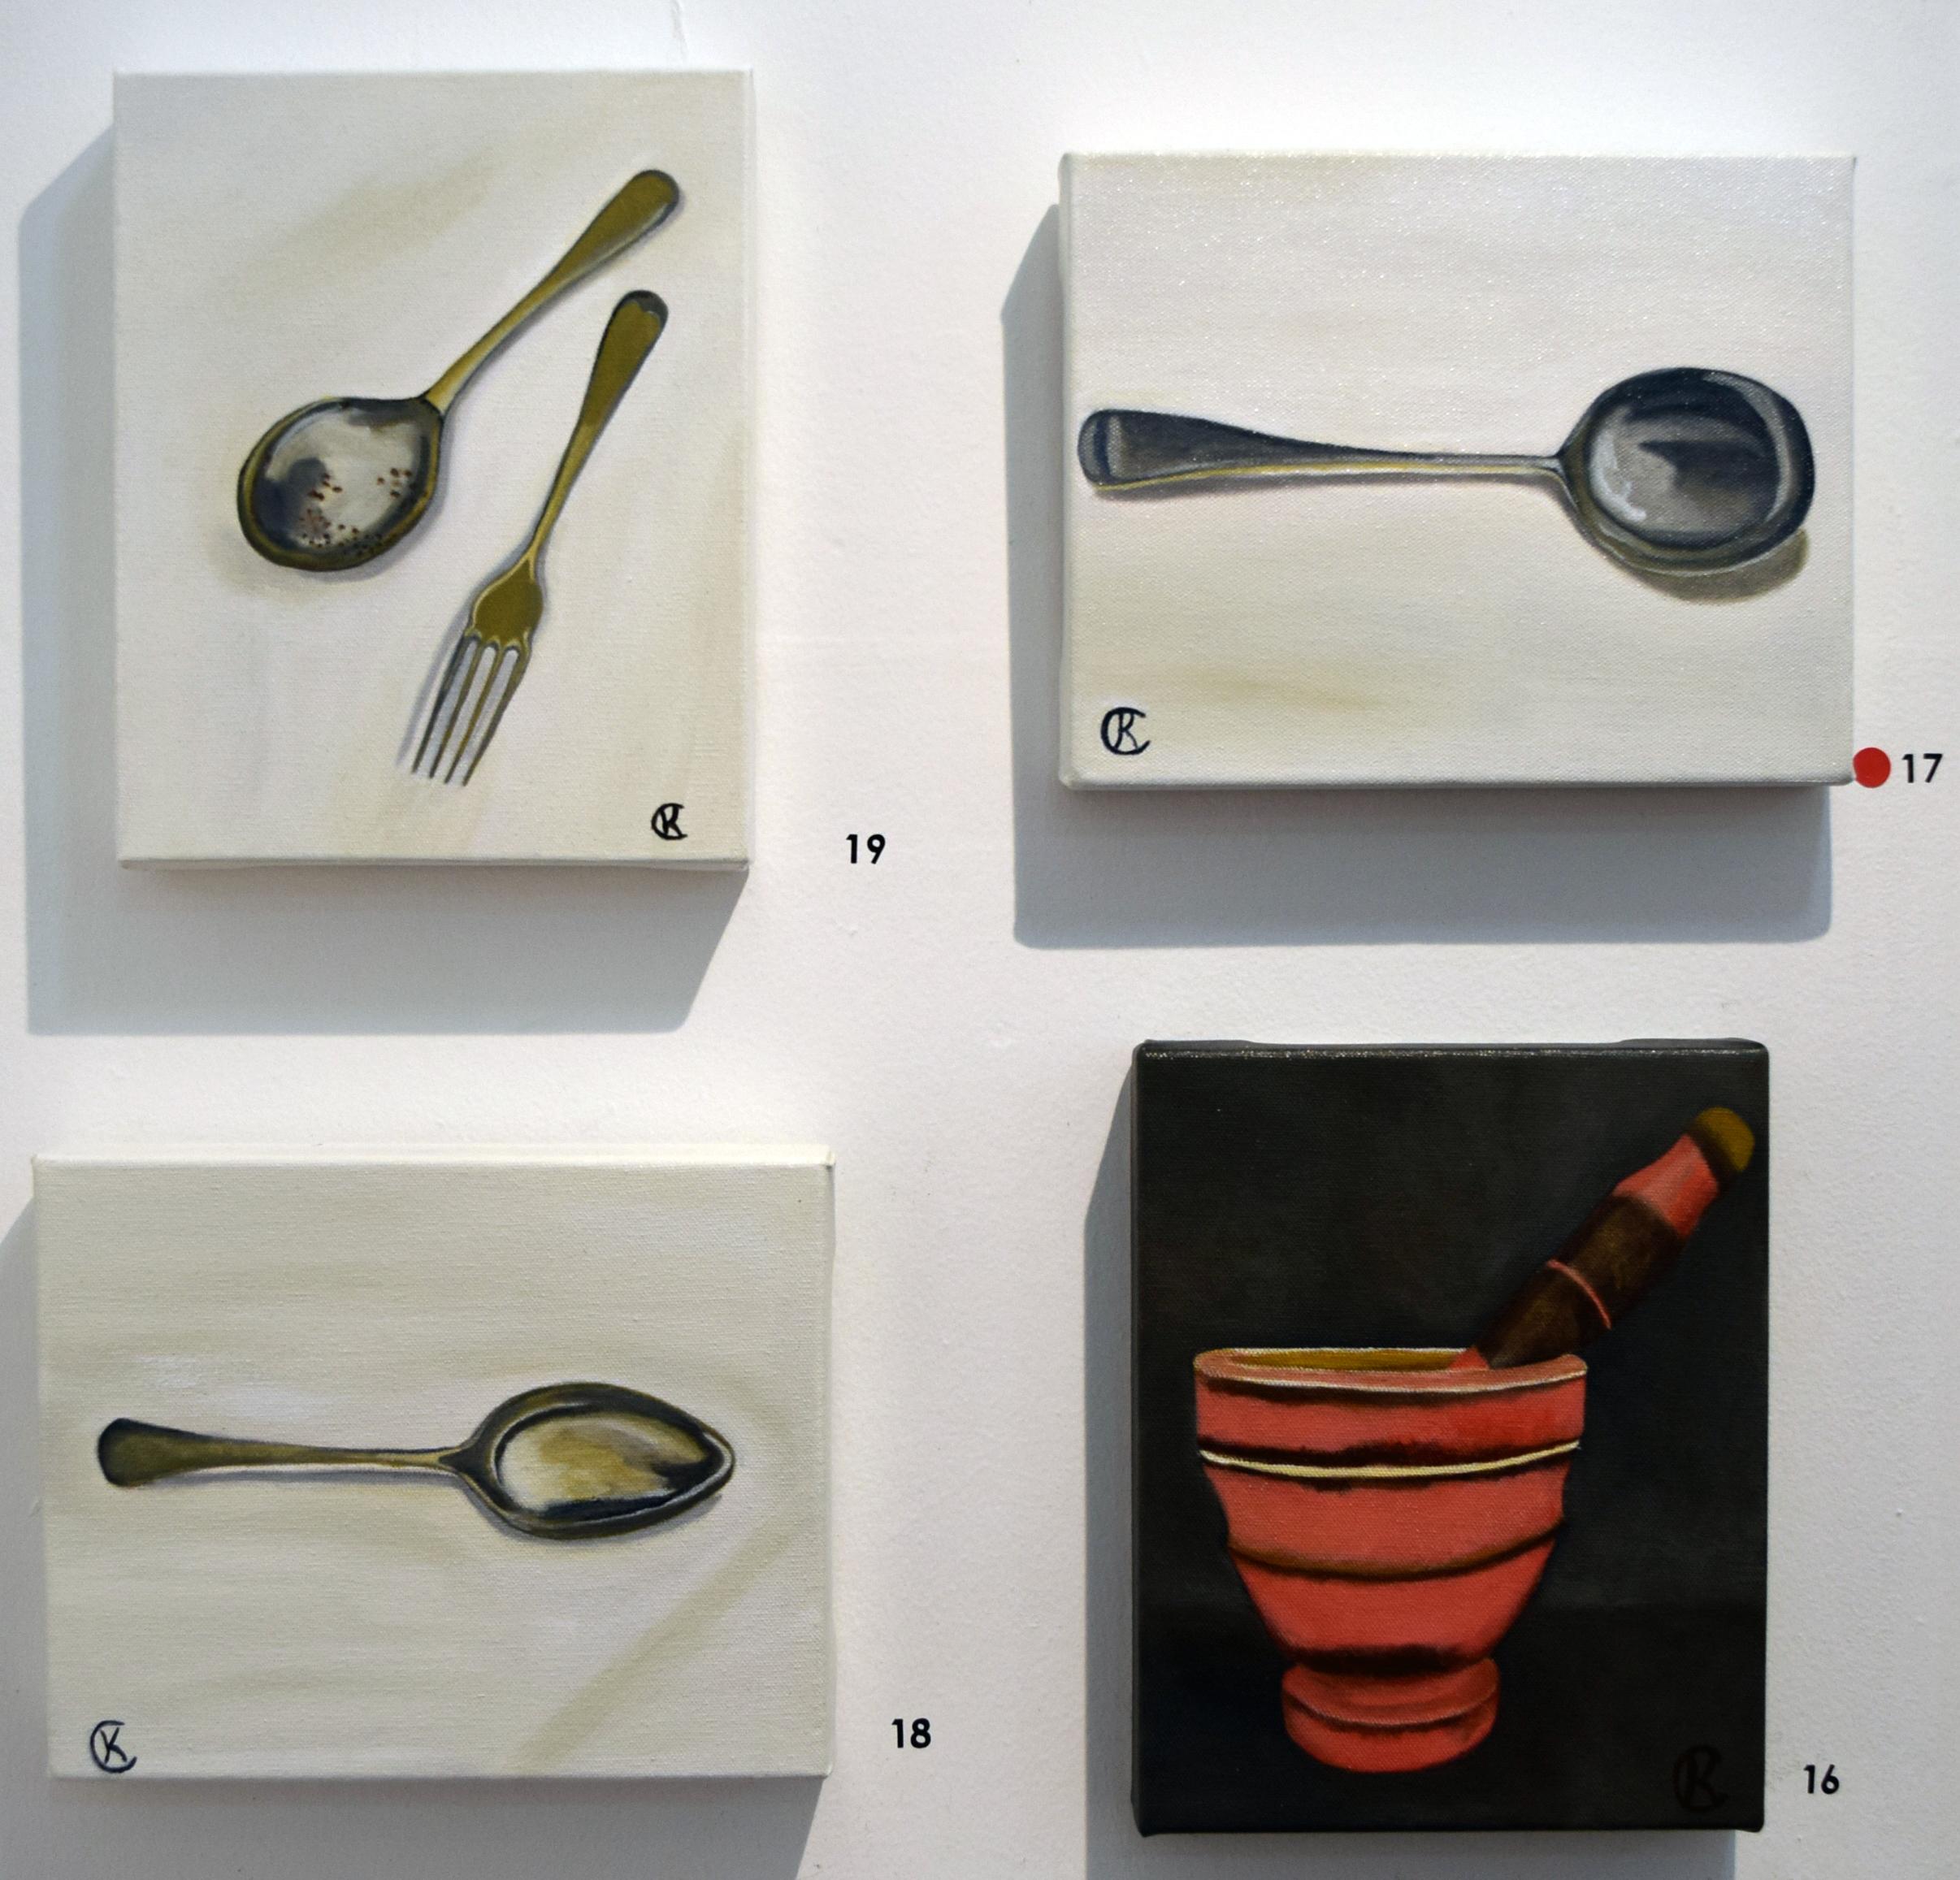 16. - 19. Kimberley Cardow, Vintage Mortar and Pestle, Vintage Soup Spoon, Vintage Spoon, Vintage Spoon & Fork, 2018, acrylic on canvas, each 20 x 26 cm, $135 each